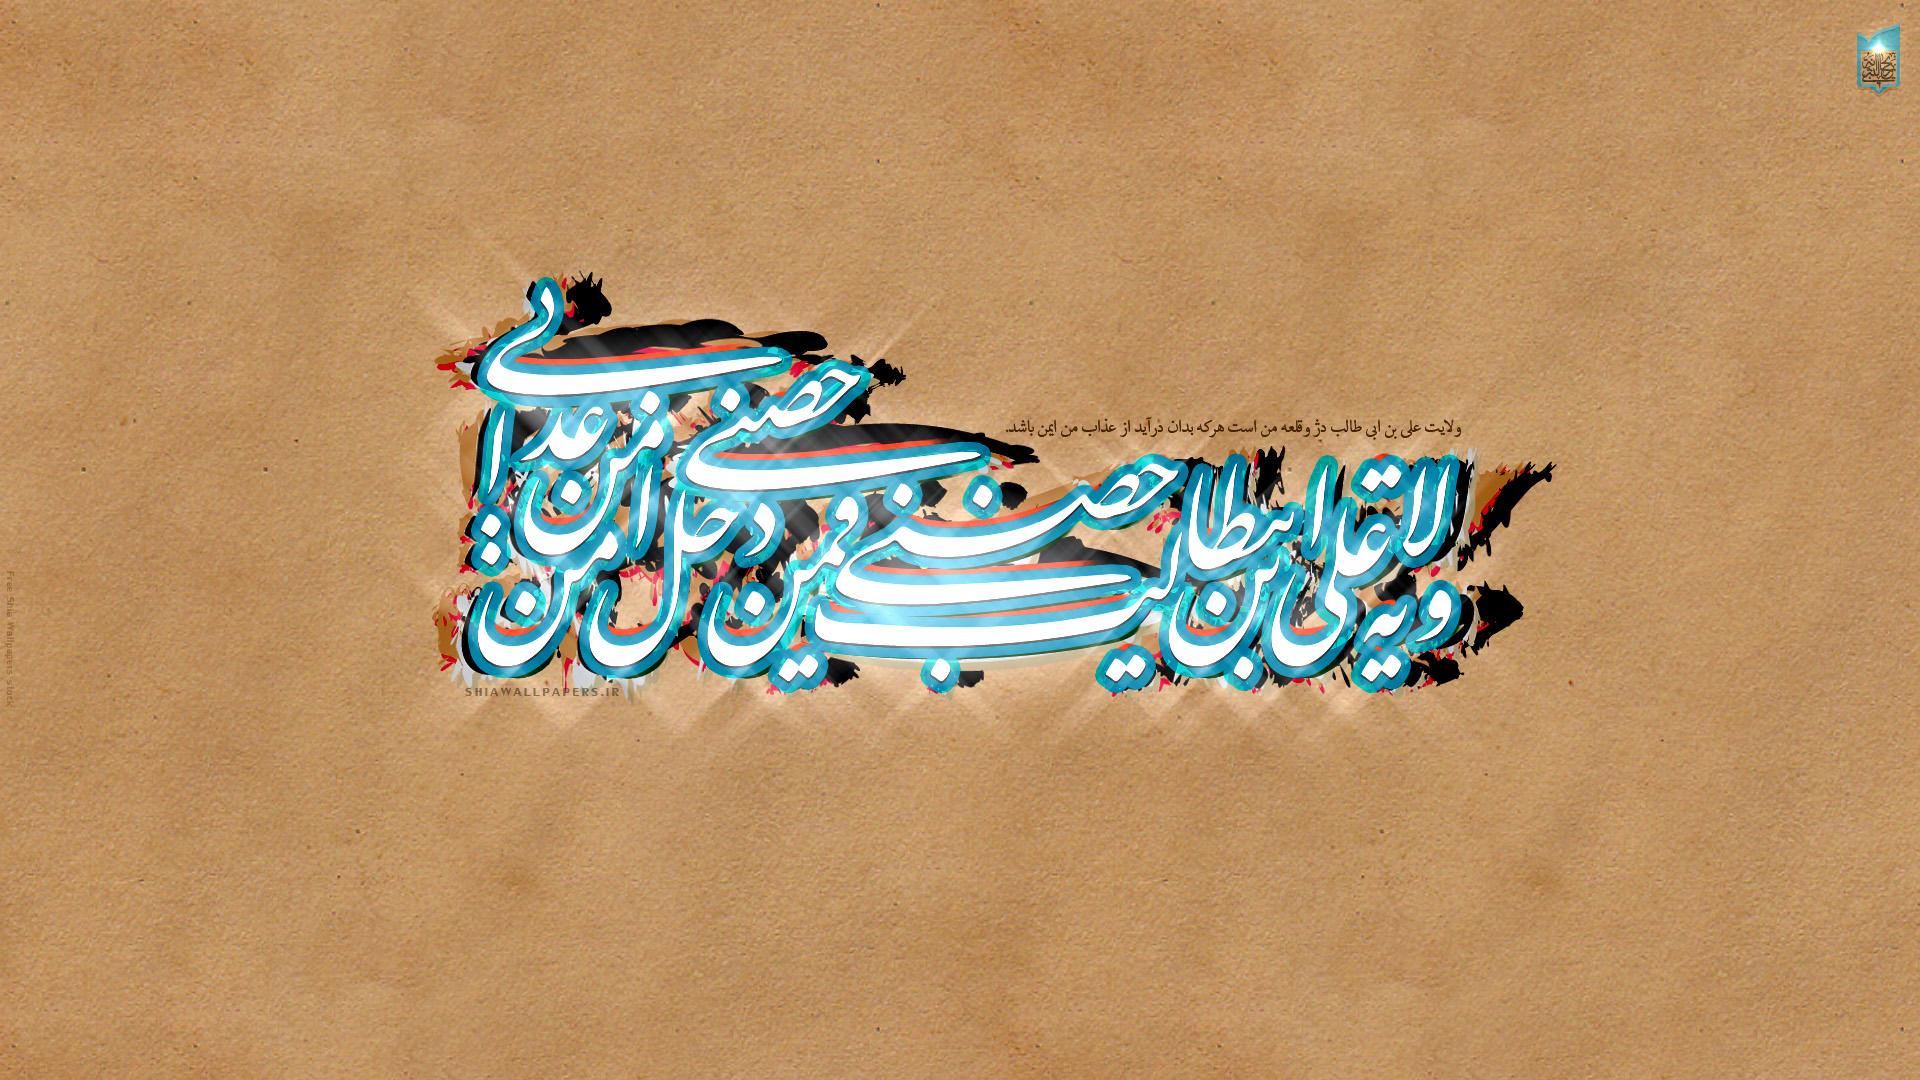 دانلود ولایه علی بن ابی طالب حصنی فمن دخل حصنی امن من عذابی